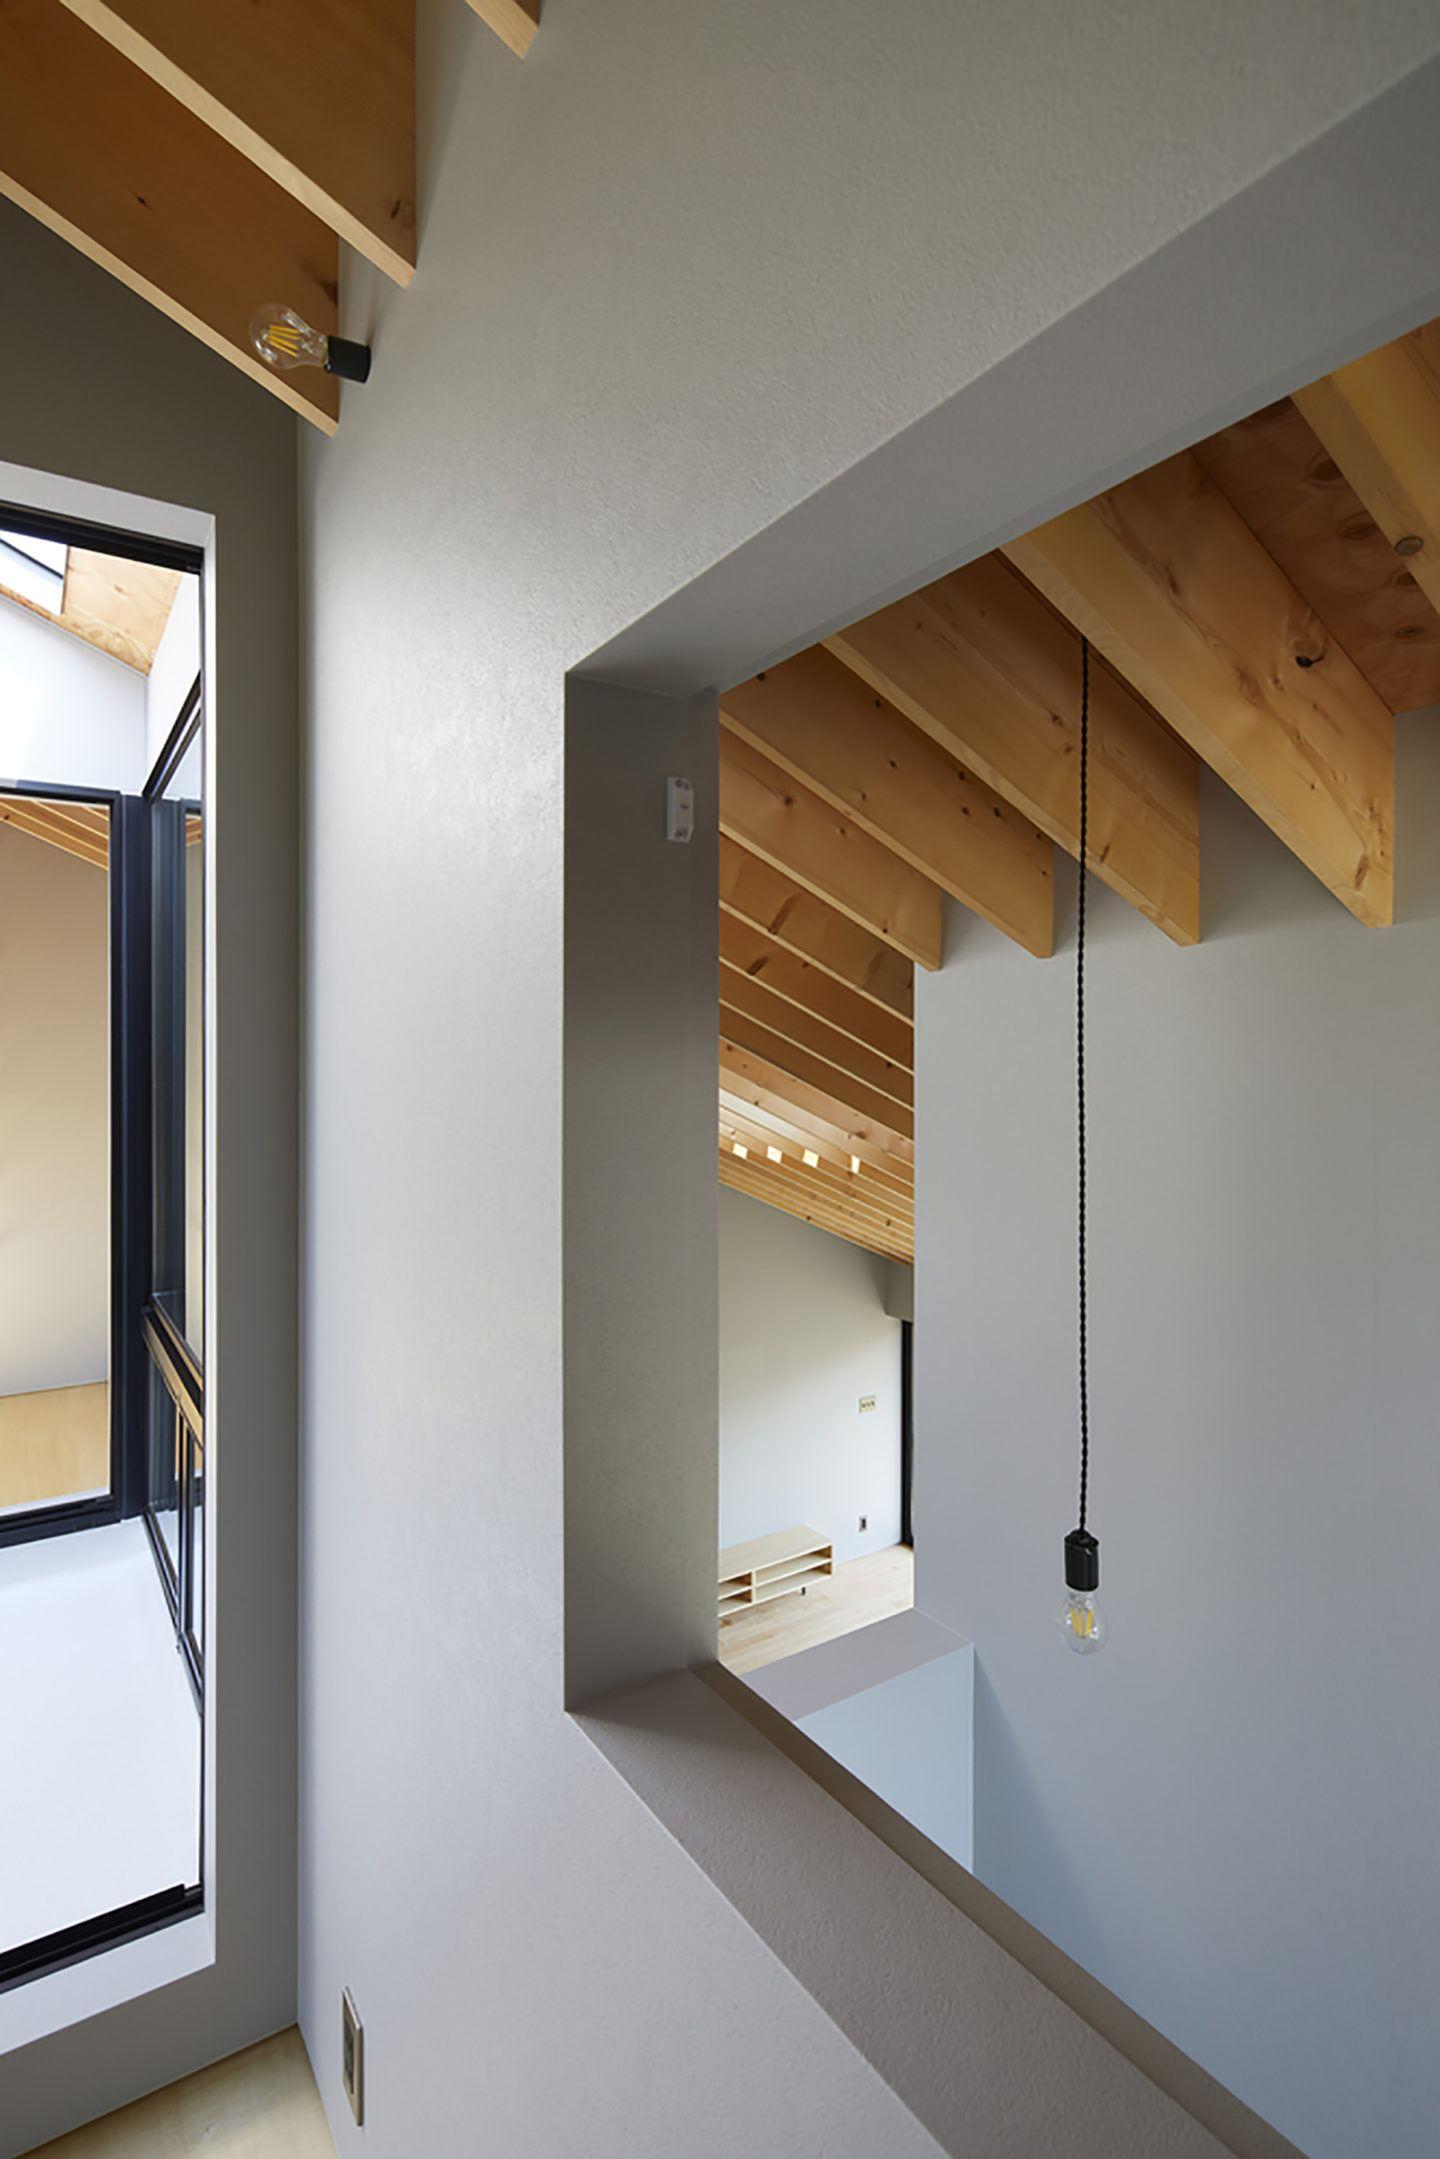 IGNANT-Architecture-Kenta-Eto-Usuki-House-20